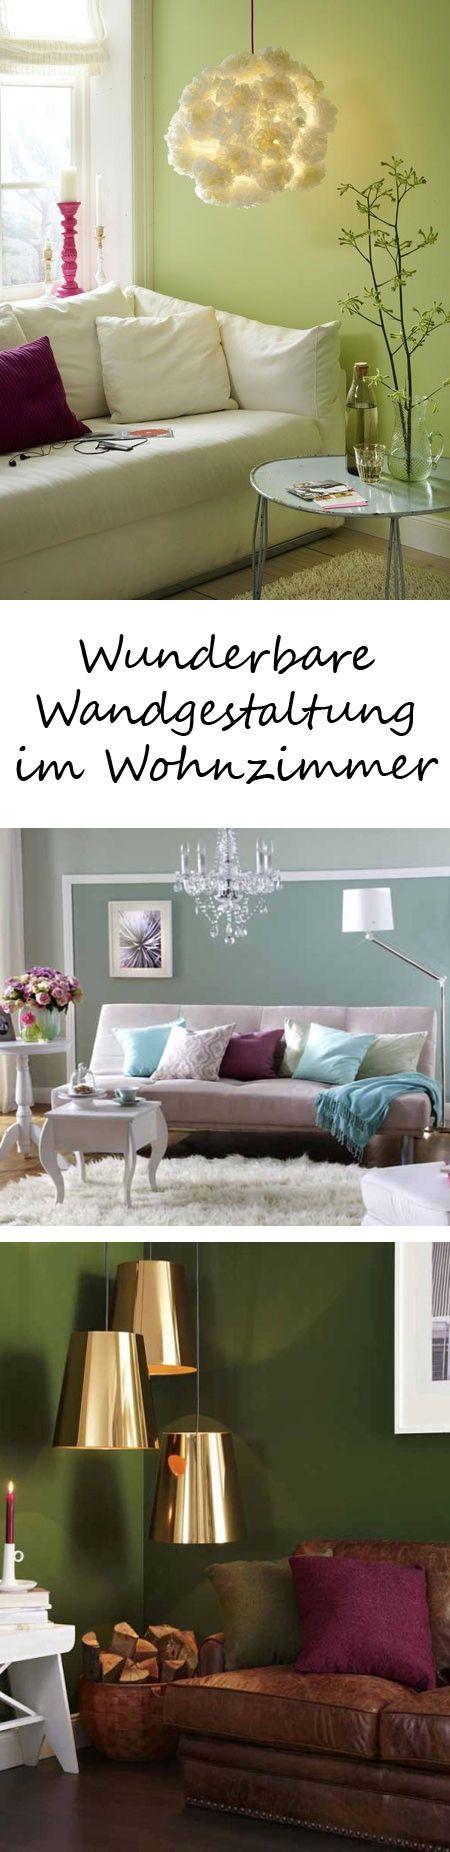 """Über 1.000 Ideen zu """"Farbgestaltung Schlafzimmer auf Pinterest ..."""